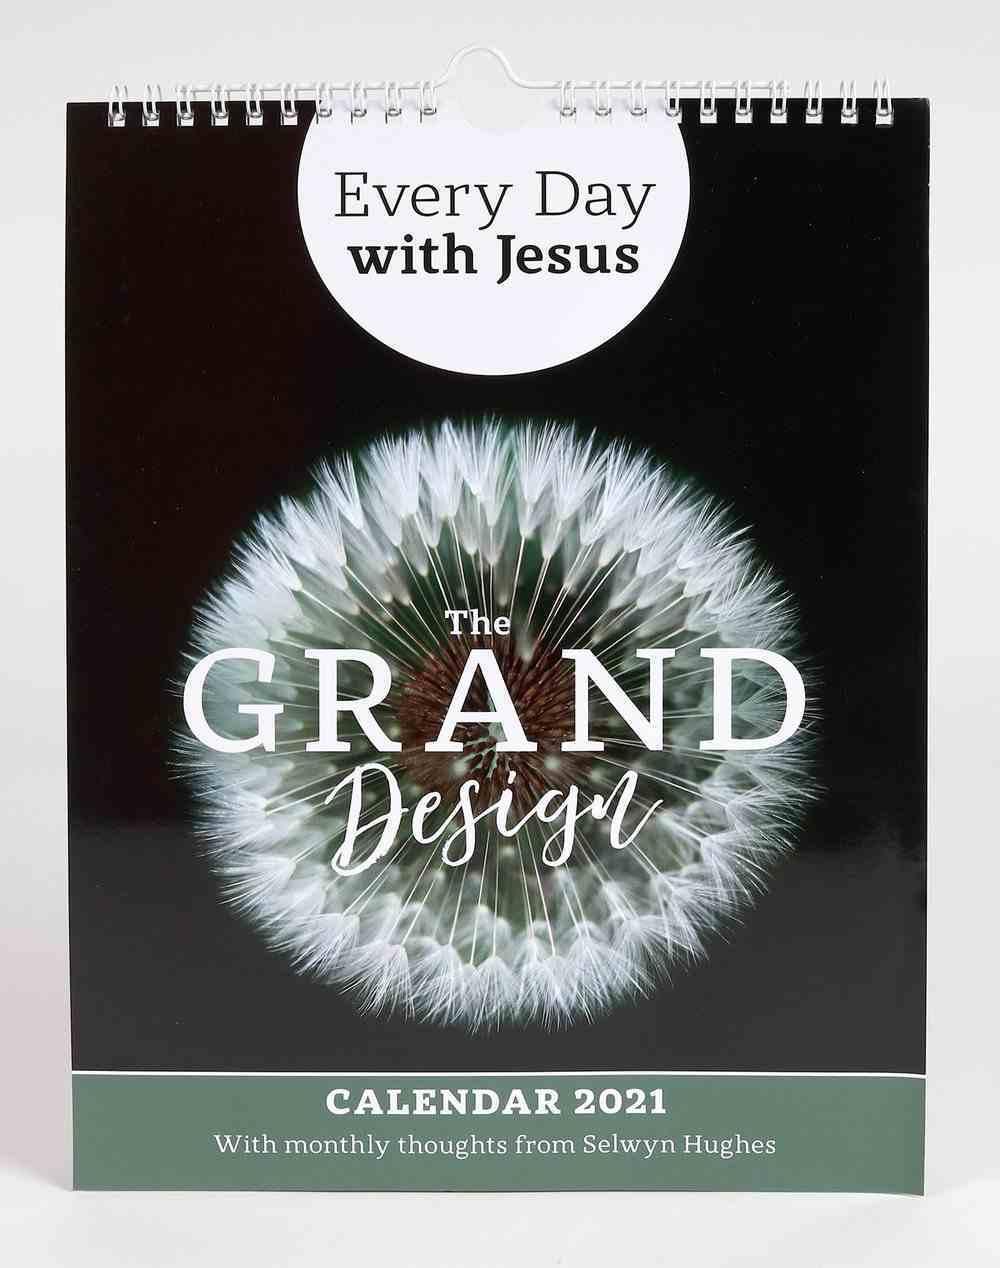 2021 EDWJ Calendar: The Grand Design Calendar